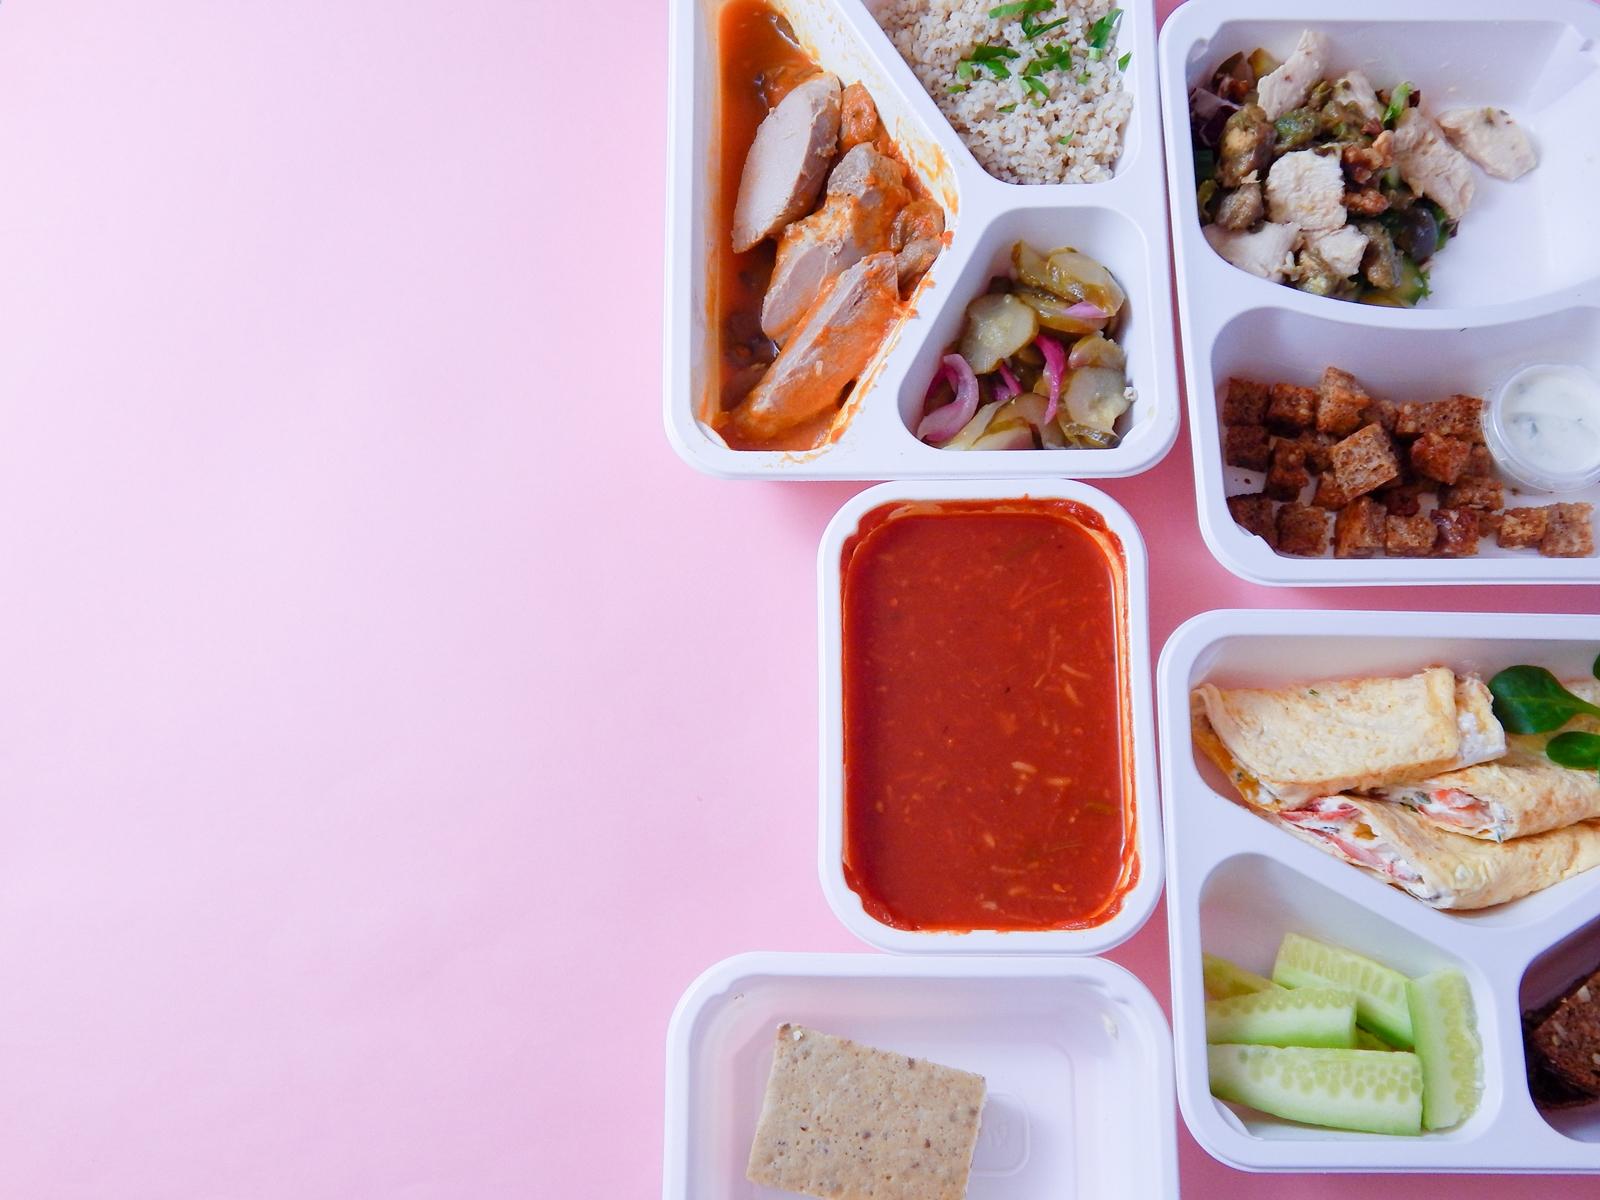 001 cateromarket dieta pudełkowa catering dietetyczny dieta jak przejść na dietę catering z dowozem do domu dieta kalorie melodylaniella dieta na cały dzień jedzenie na cały dzień catering do domu